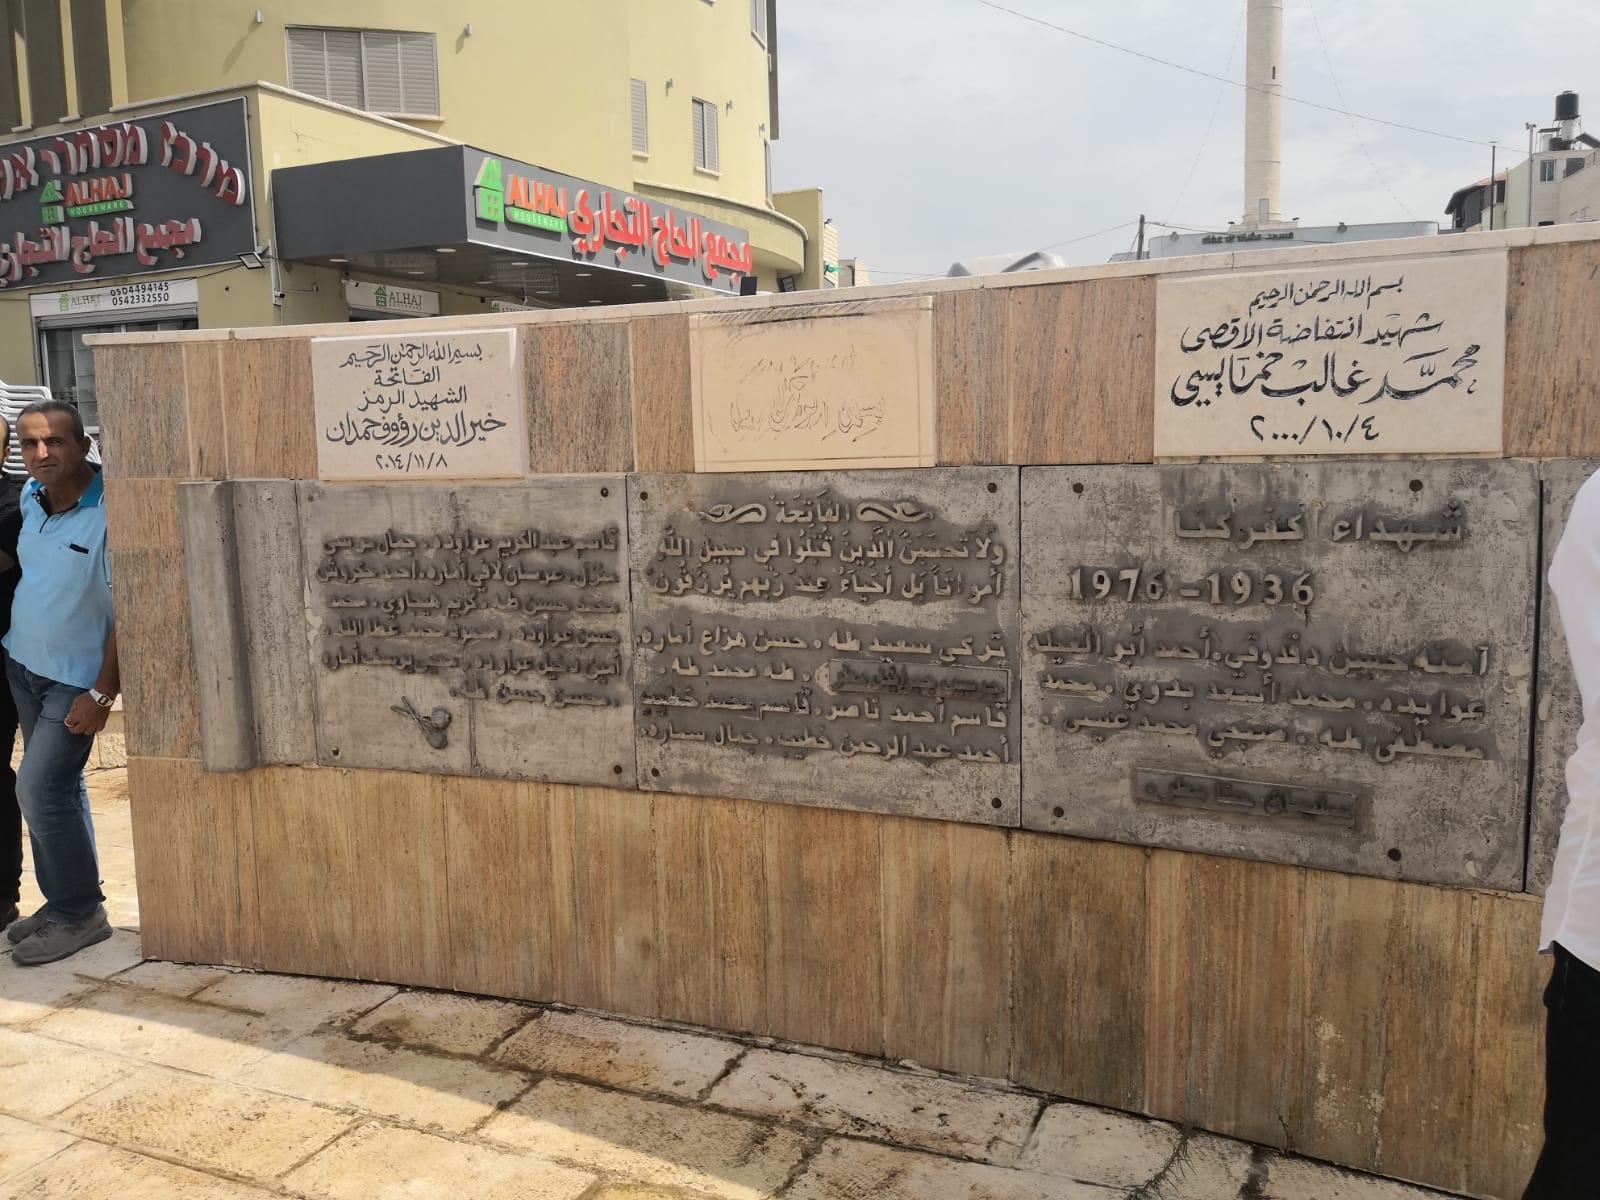 18 عاما على هبة القدس والأقصى: زيارات وورود على أضرحة الشهداء